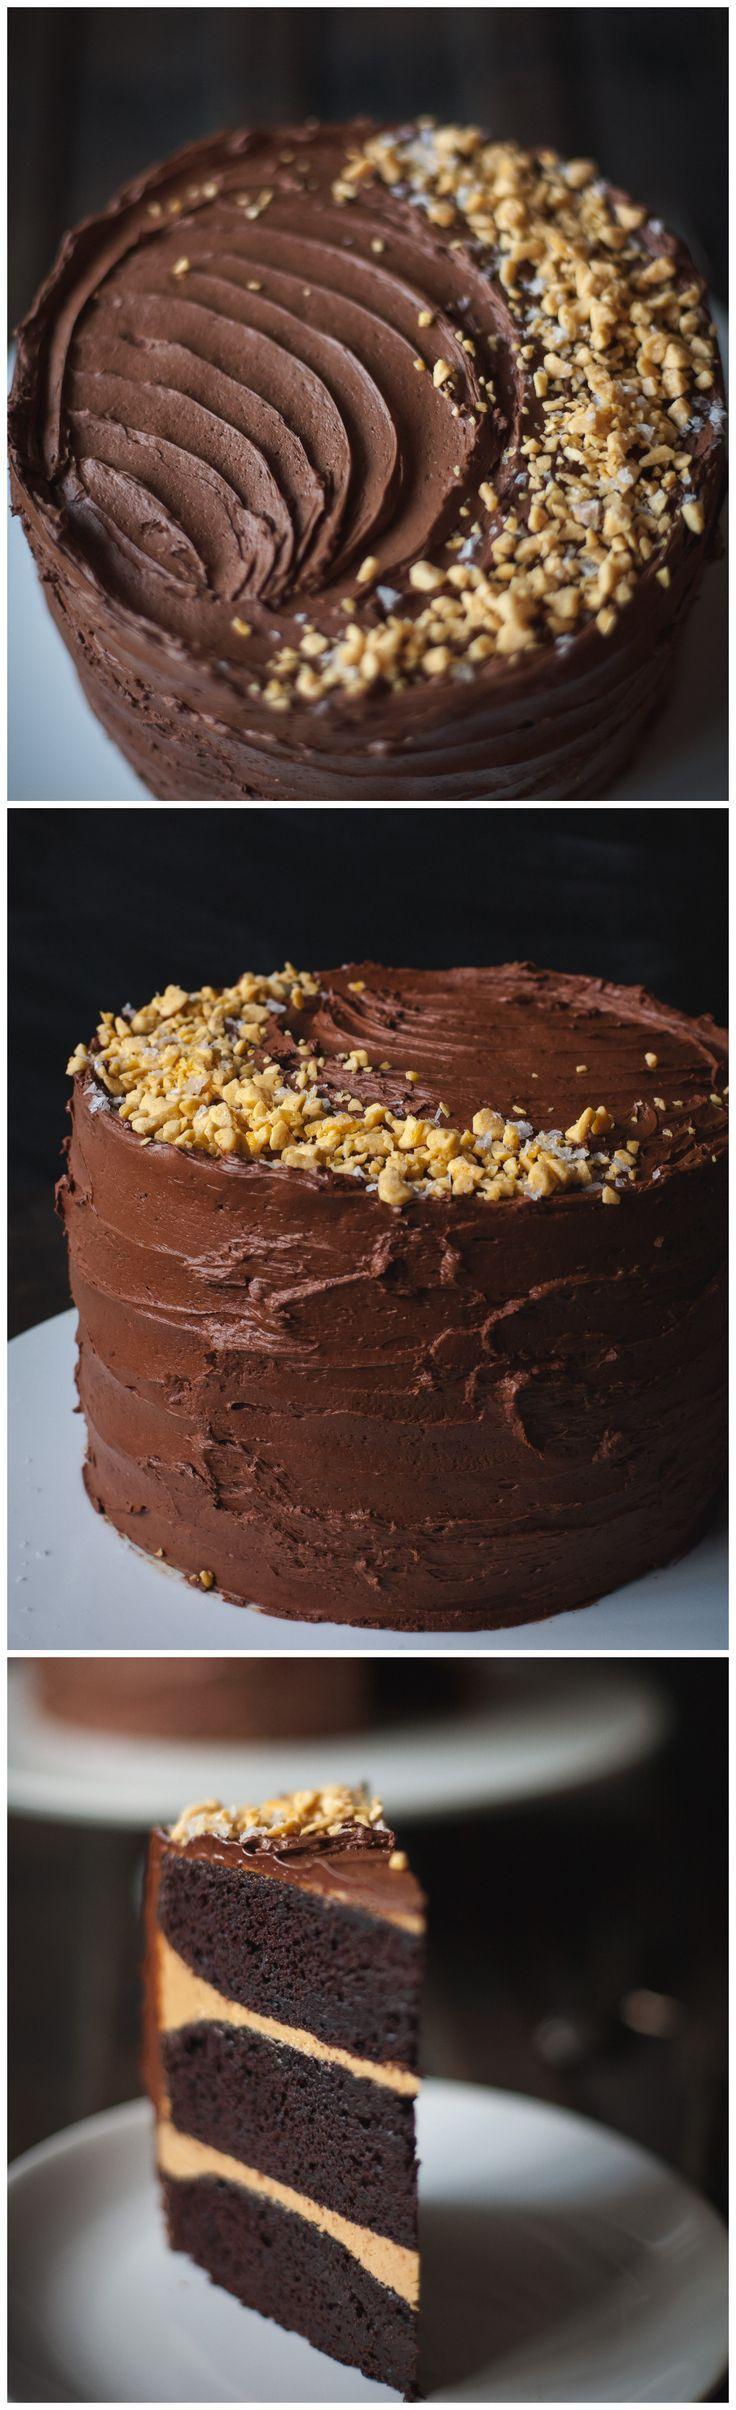 Honeycomb Crunch Chocolate Cake